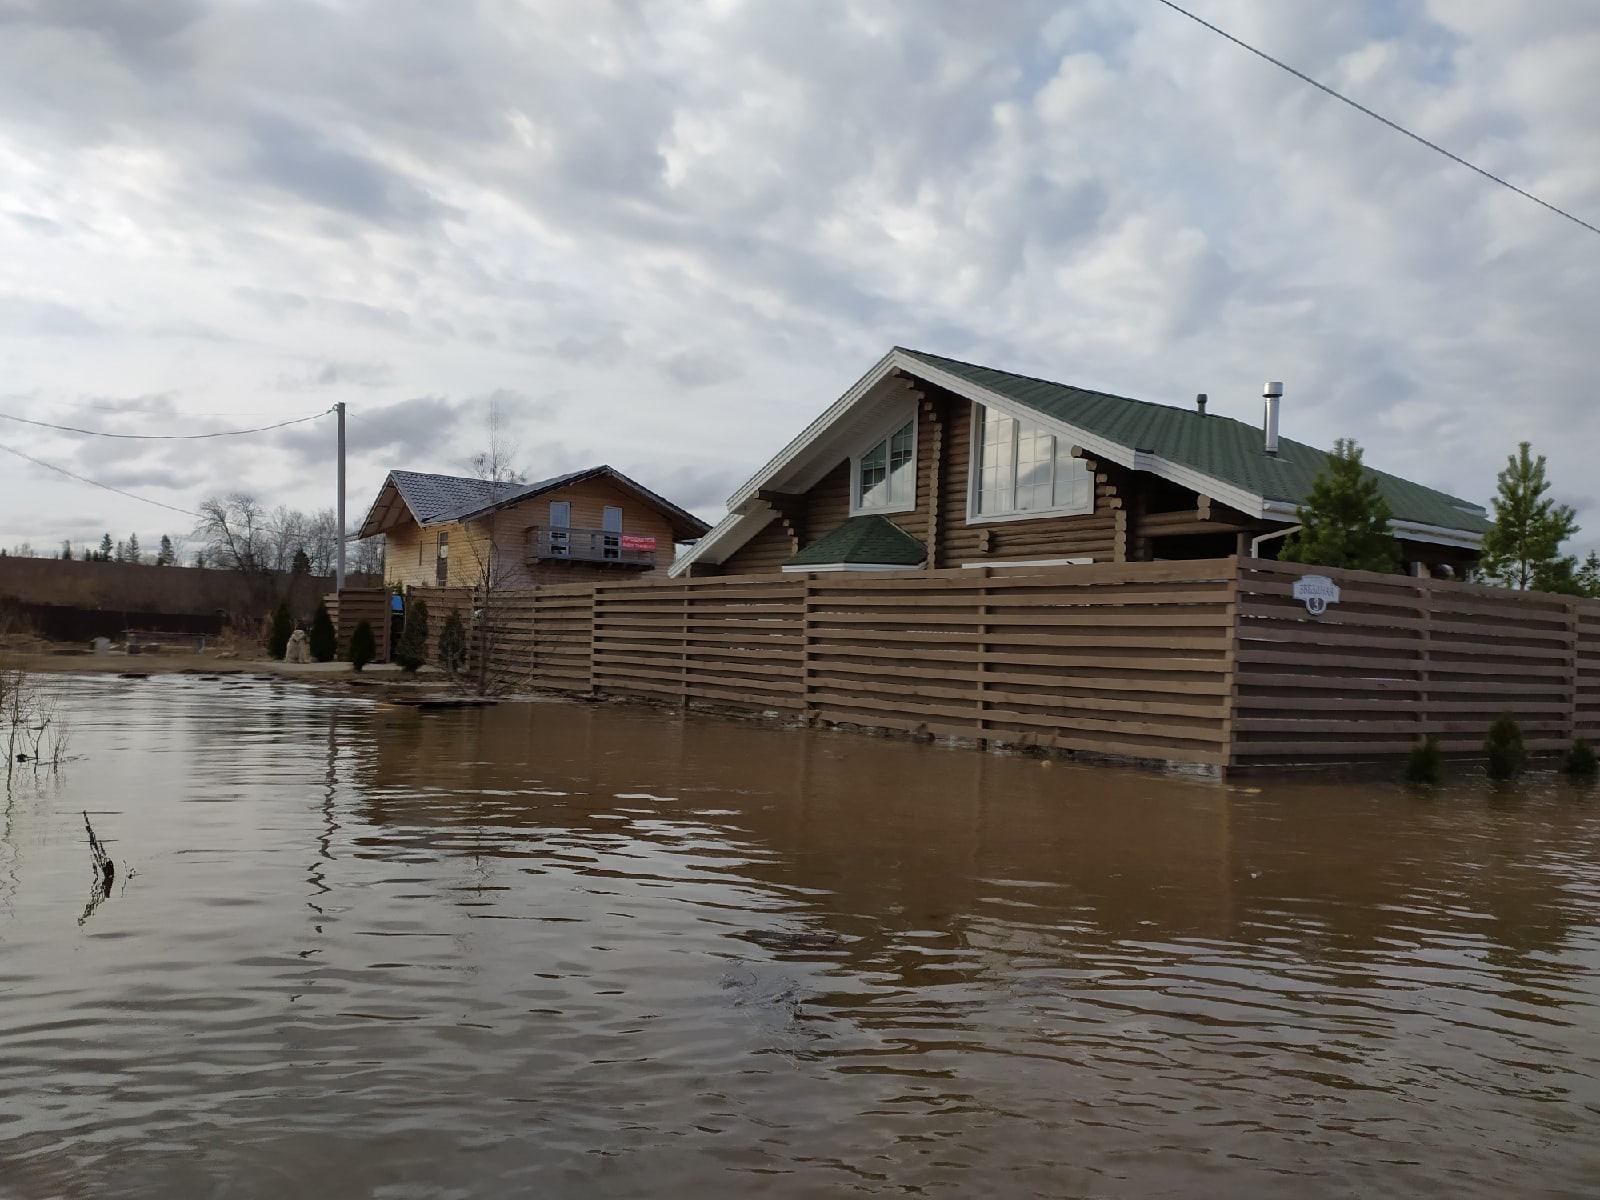 В поселке Сосновый берег под Вологдой затоплены 15 участков и пять жилых домов